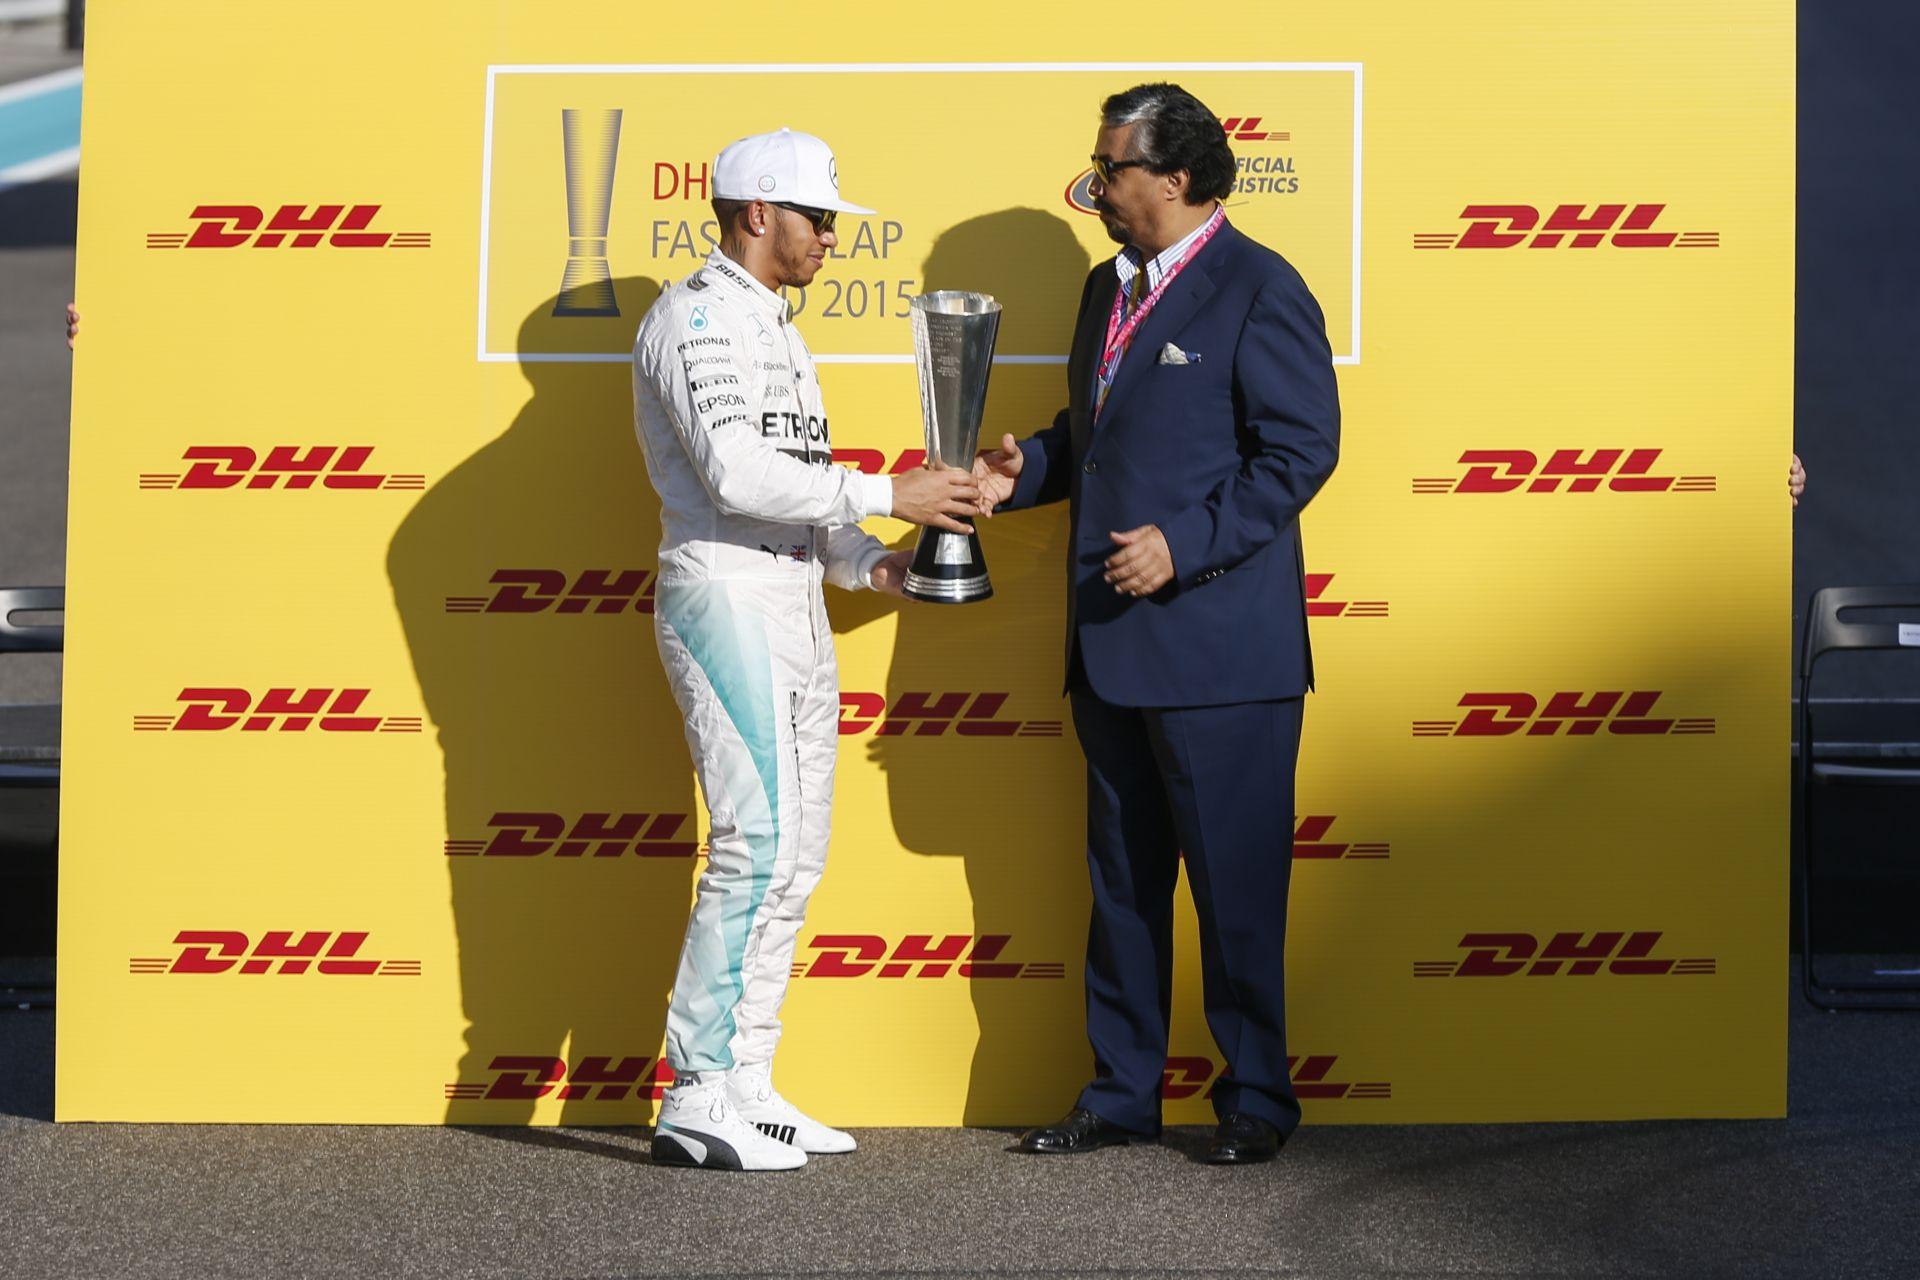 Hamilton és a Ferrari is különdíjat kapott a Forma-1 2015-ös szezonjában